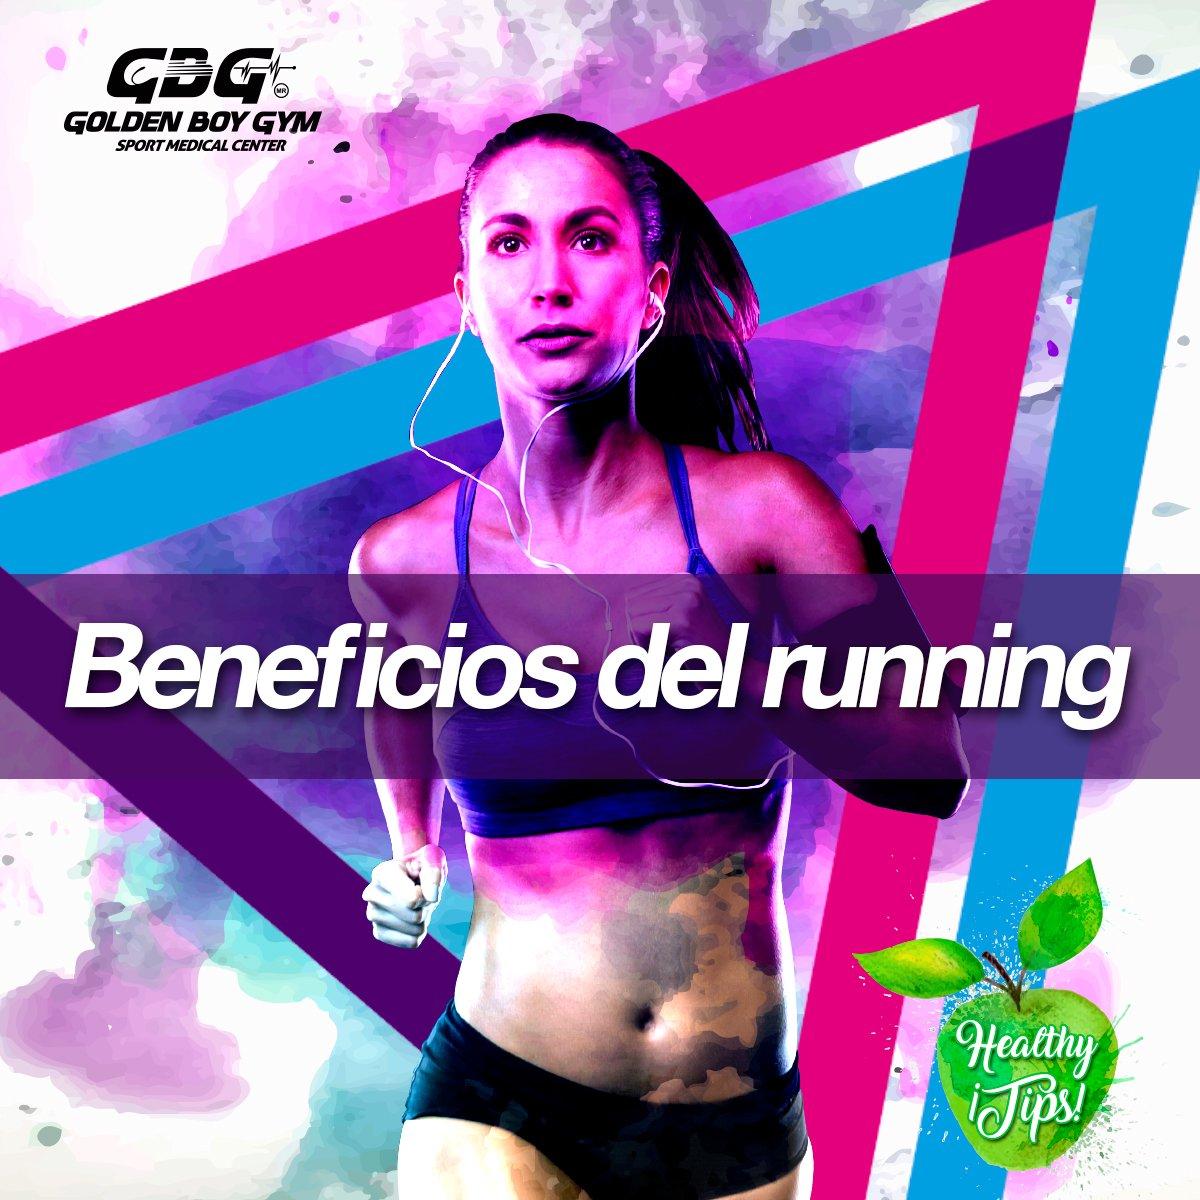 1.- Permite perder y controlar el peso.  2.- Lucha contra la celulitis.  3.- Ayuda a regenerar la masa muscular.  4.- Fortalece los huesos.  5.- Combate el estrés y la ansiedad.  7.- Mejora el sistema cardiovascular y respiratorio.  #GymTime #NoSurrender #ActitudGolden https://t.co/3jst5Sfpp4